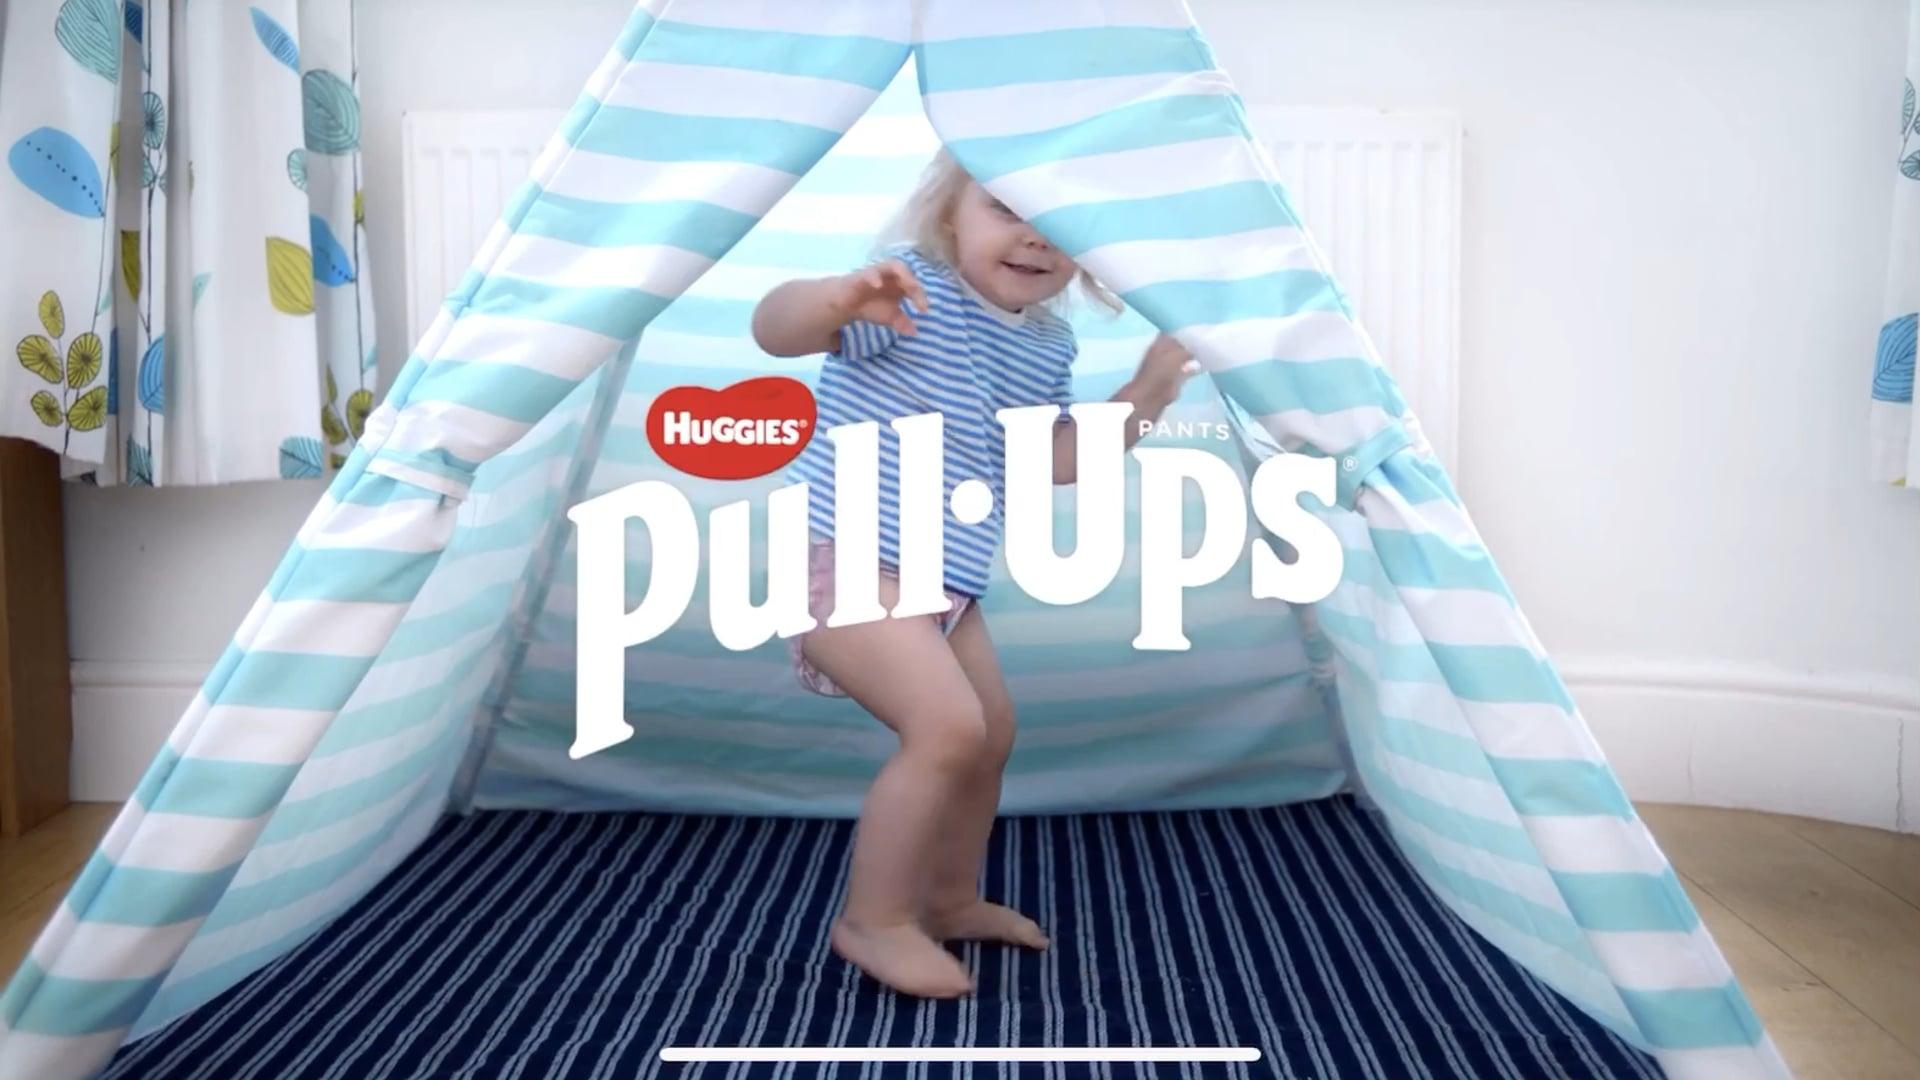 Huggies TV Pull Ups advert - Arlo Warren